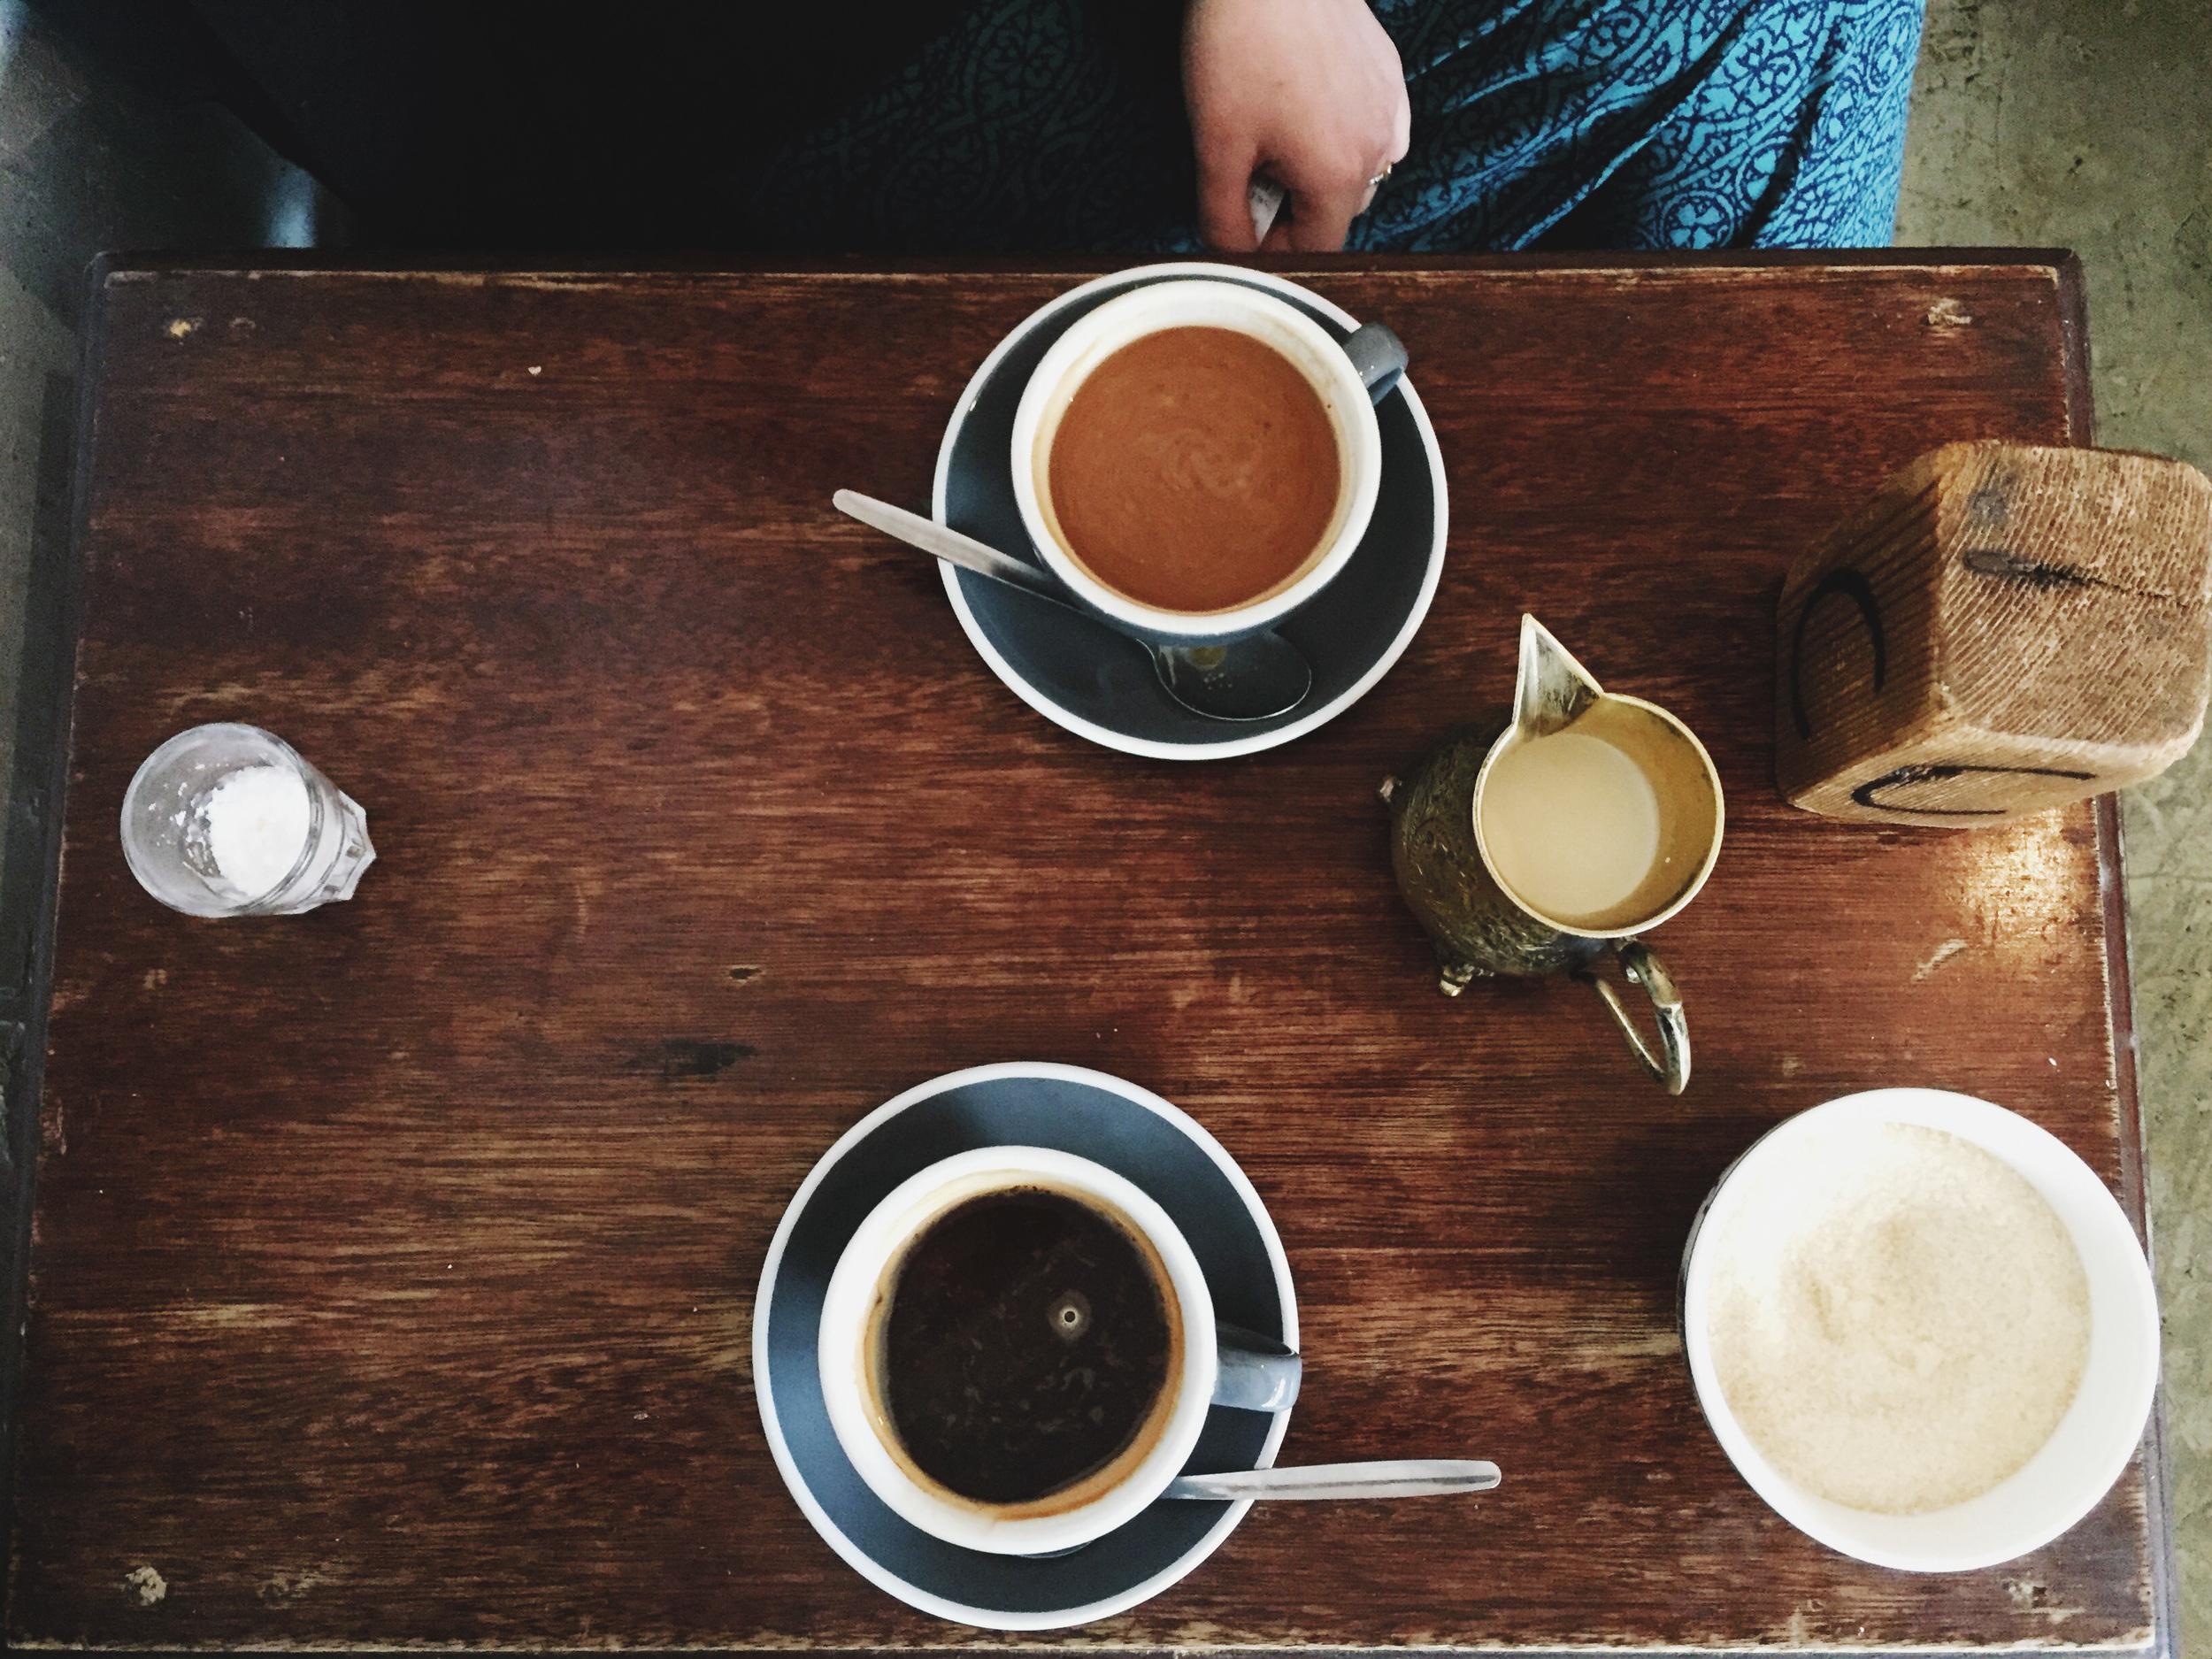 Coffee-Fumbally-breakfast-cafe-food